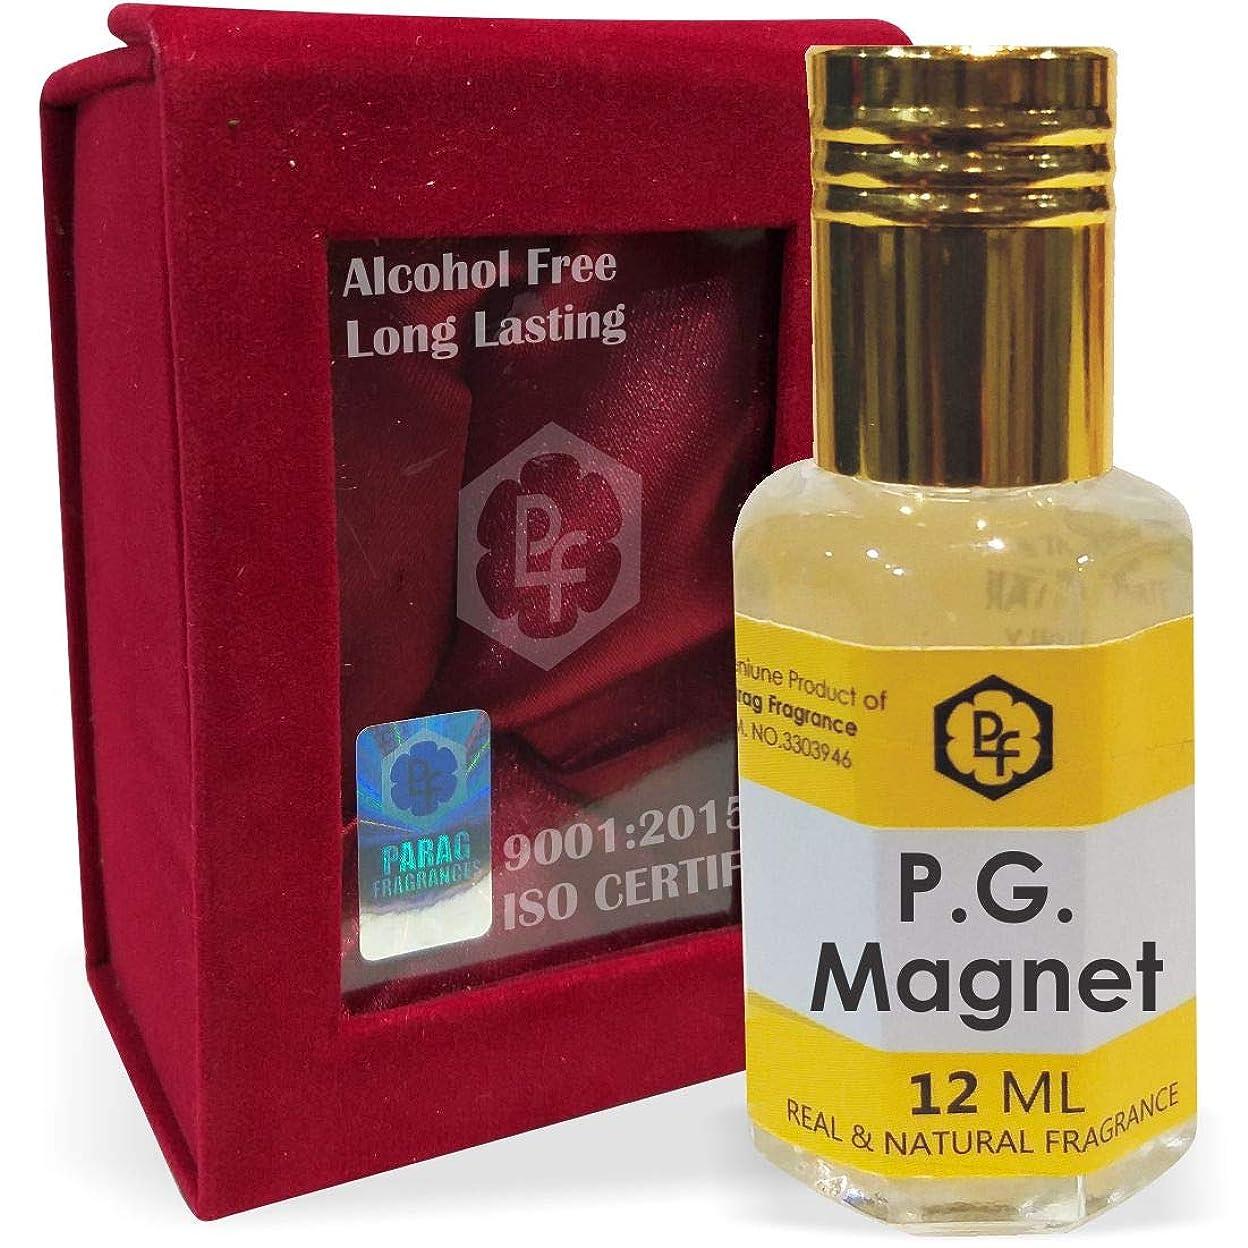 条約反応するドアミラーParagフレグランスPGMagnet手作りベルベットボックス12ミリリットルアター/香水(インドの伝統的なBhapka処理方法により、インド製)オイル/フレグランスオイル|長持ちアターITRA最高の品質